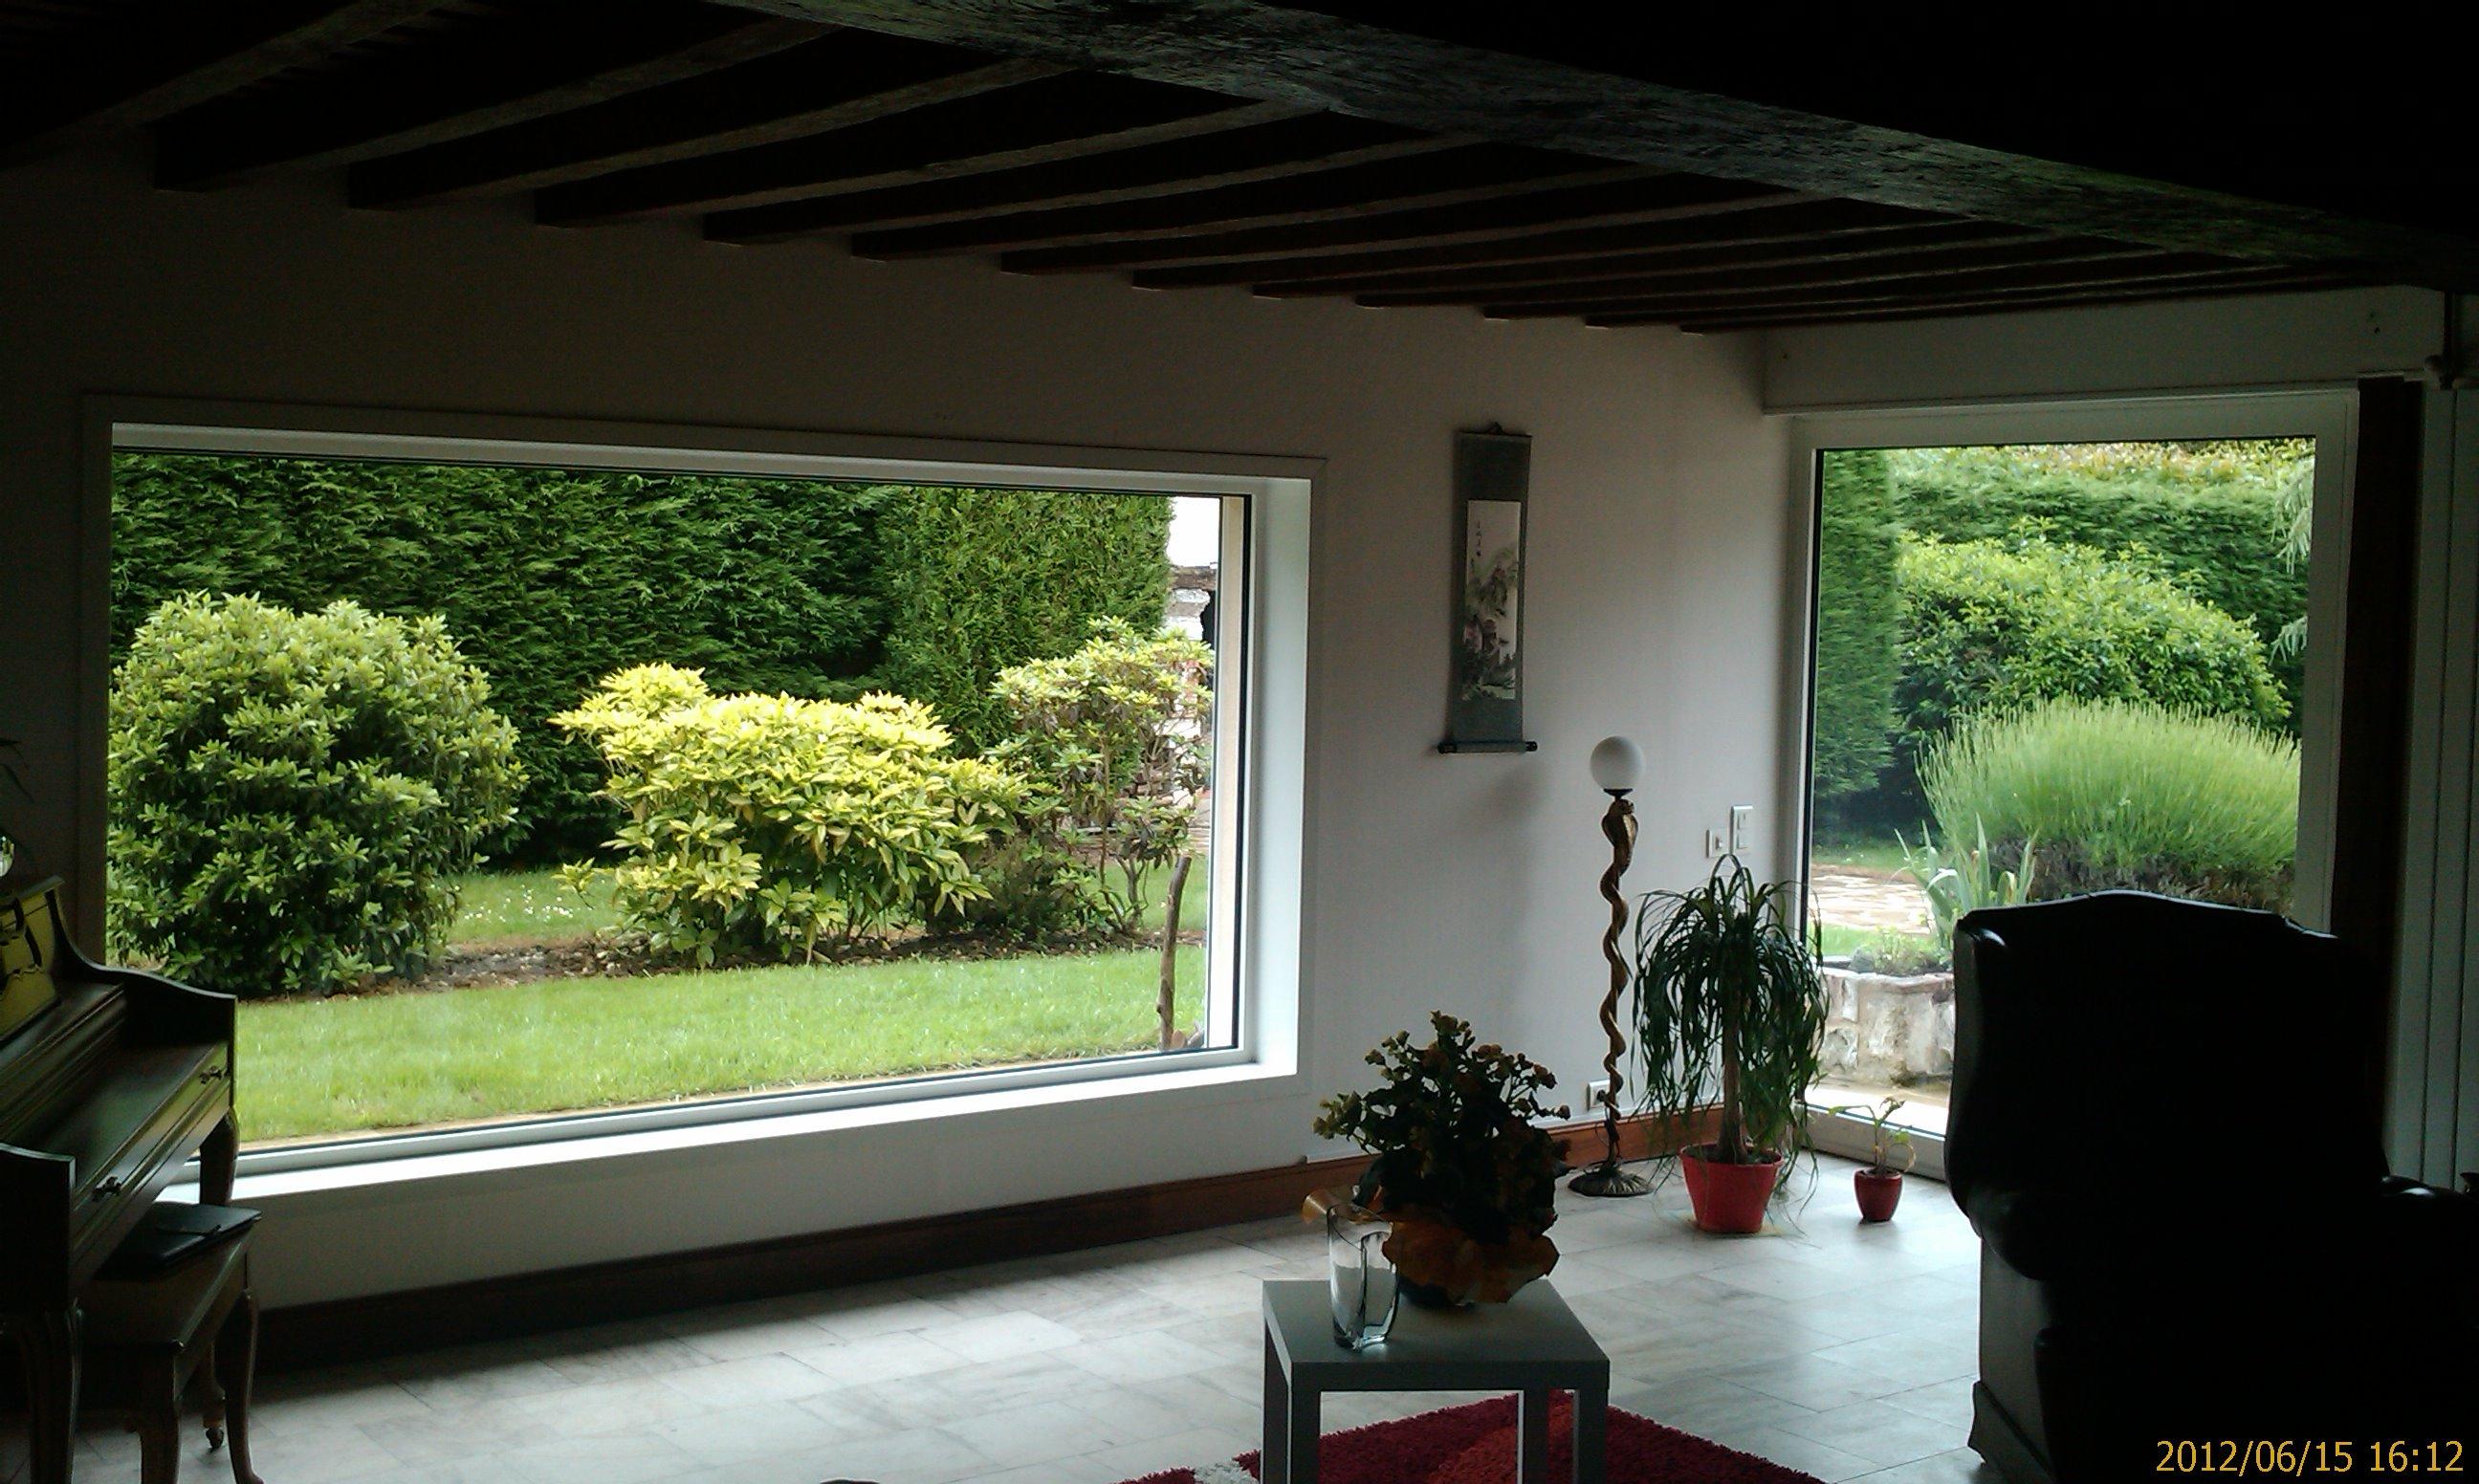 Vérandas et fenêtres